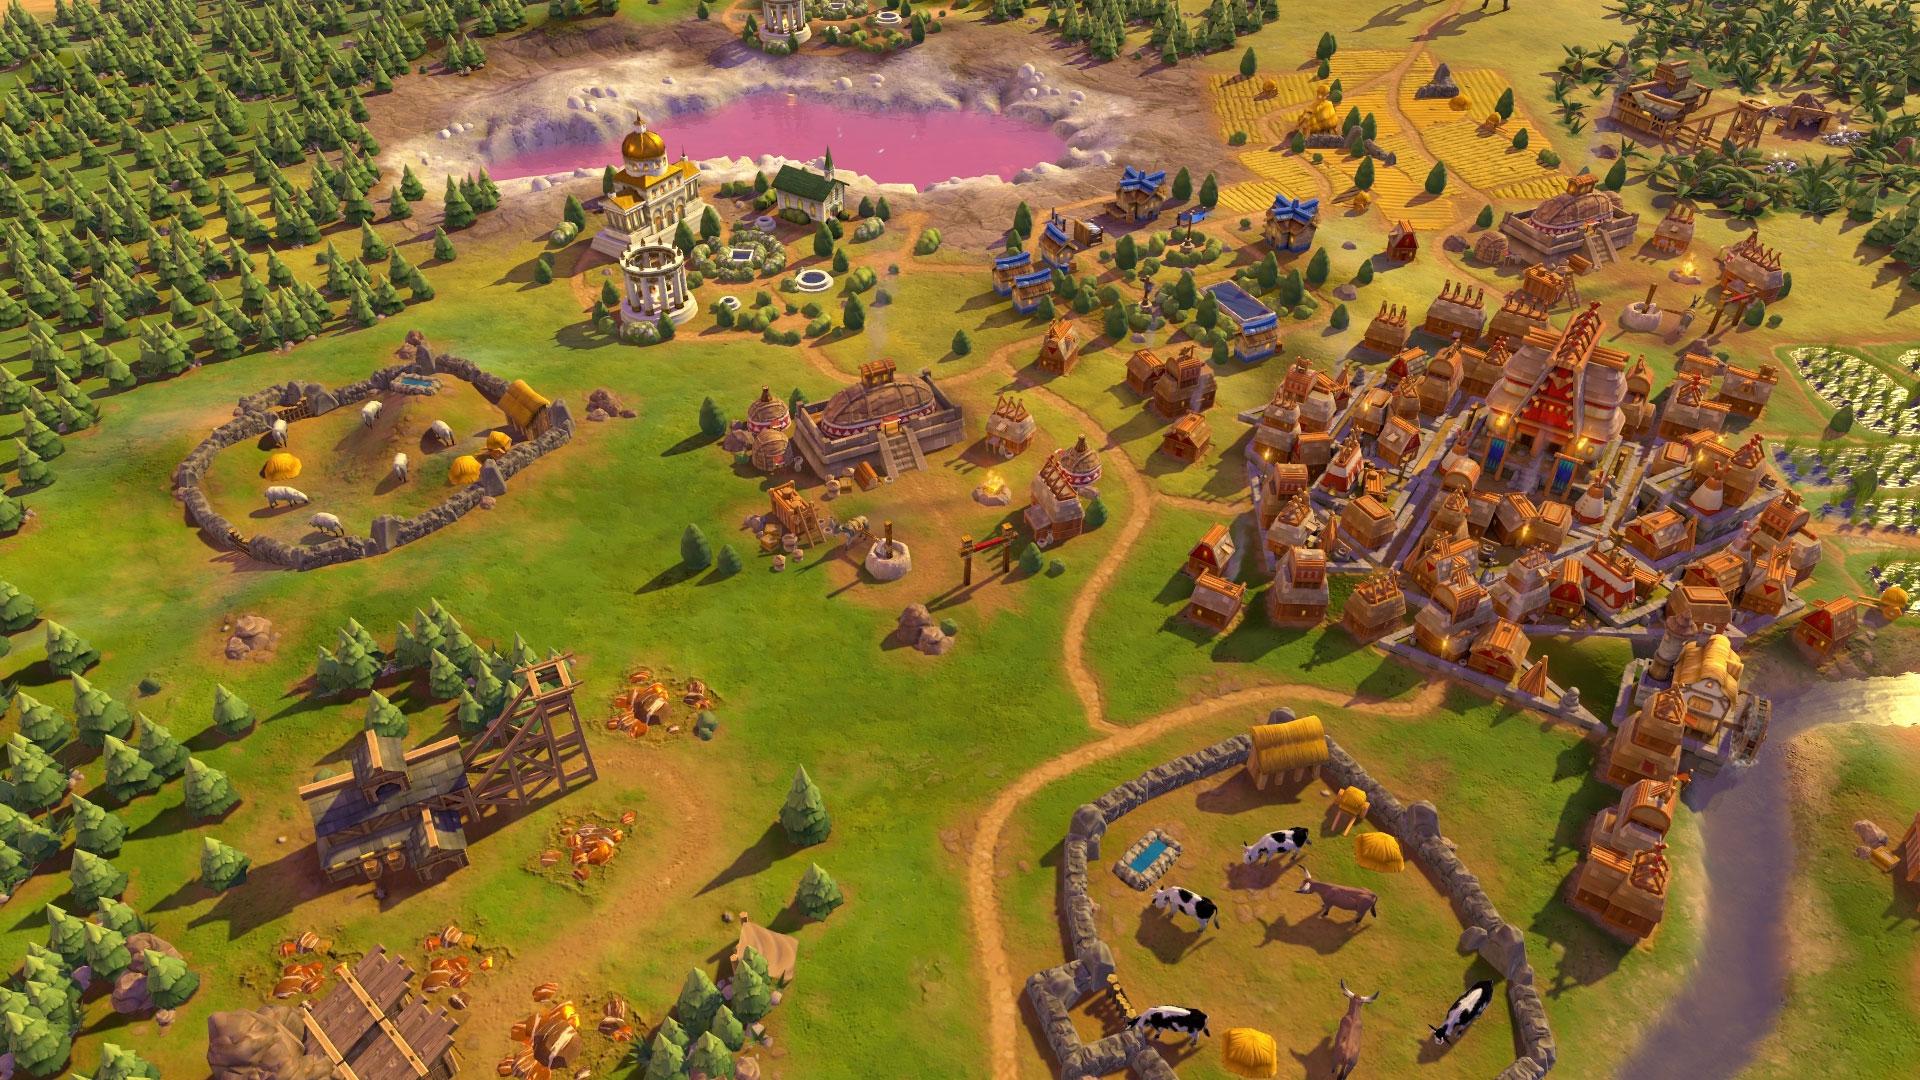 2KGMKT_CivilizationVI-RF_Game-Art_Cree_Makewap_2_7.jpg